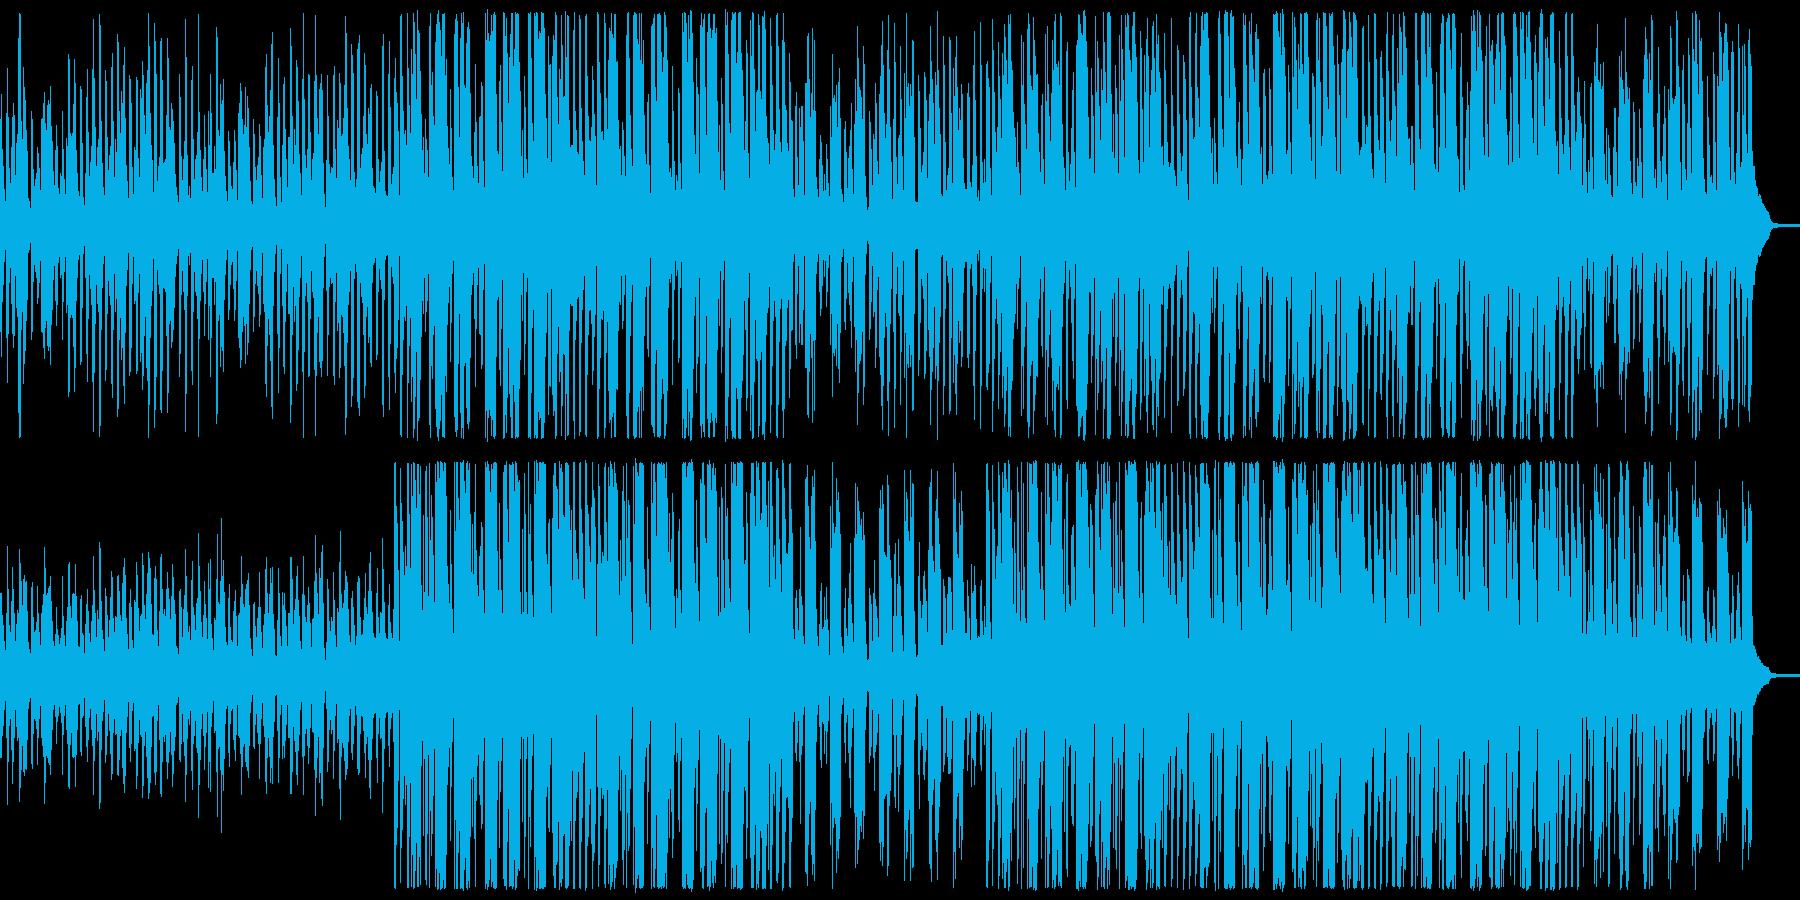 【リズム抜き】明るく軽快なアンサンブルの再生済みの波形